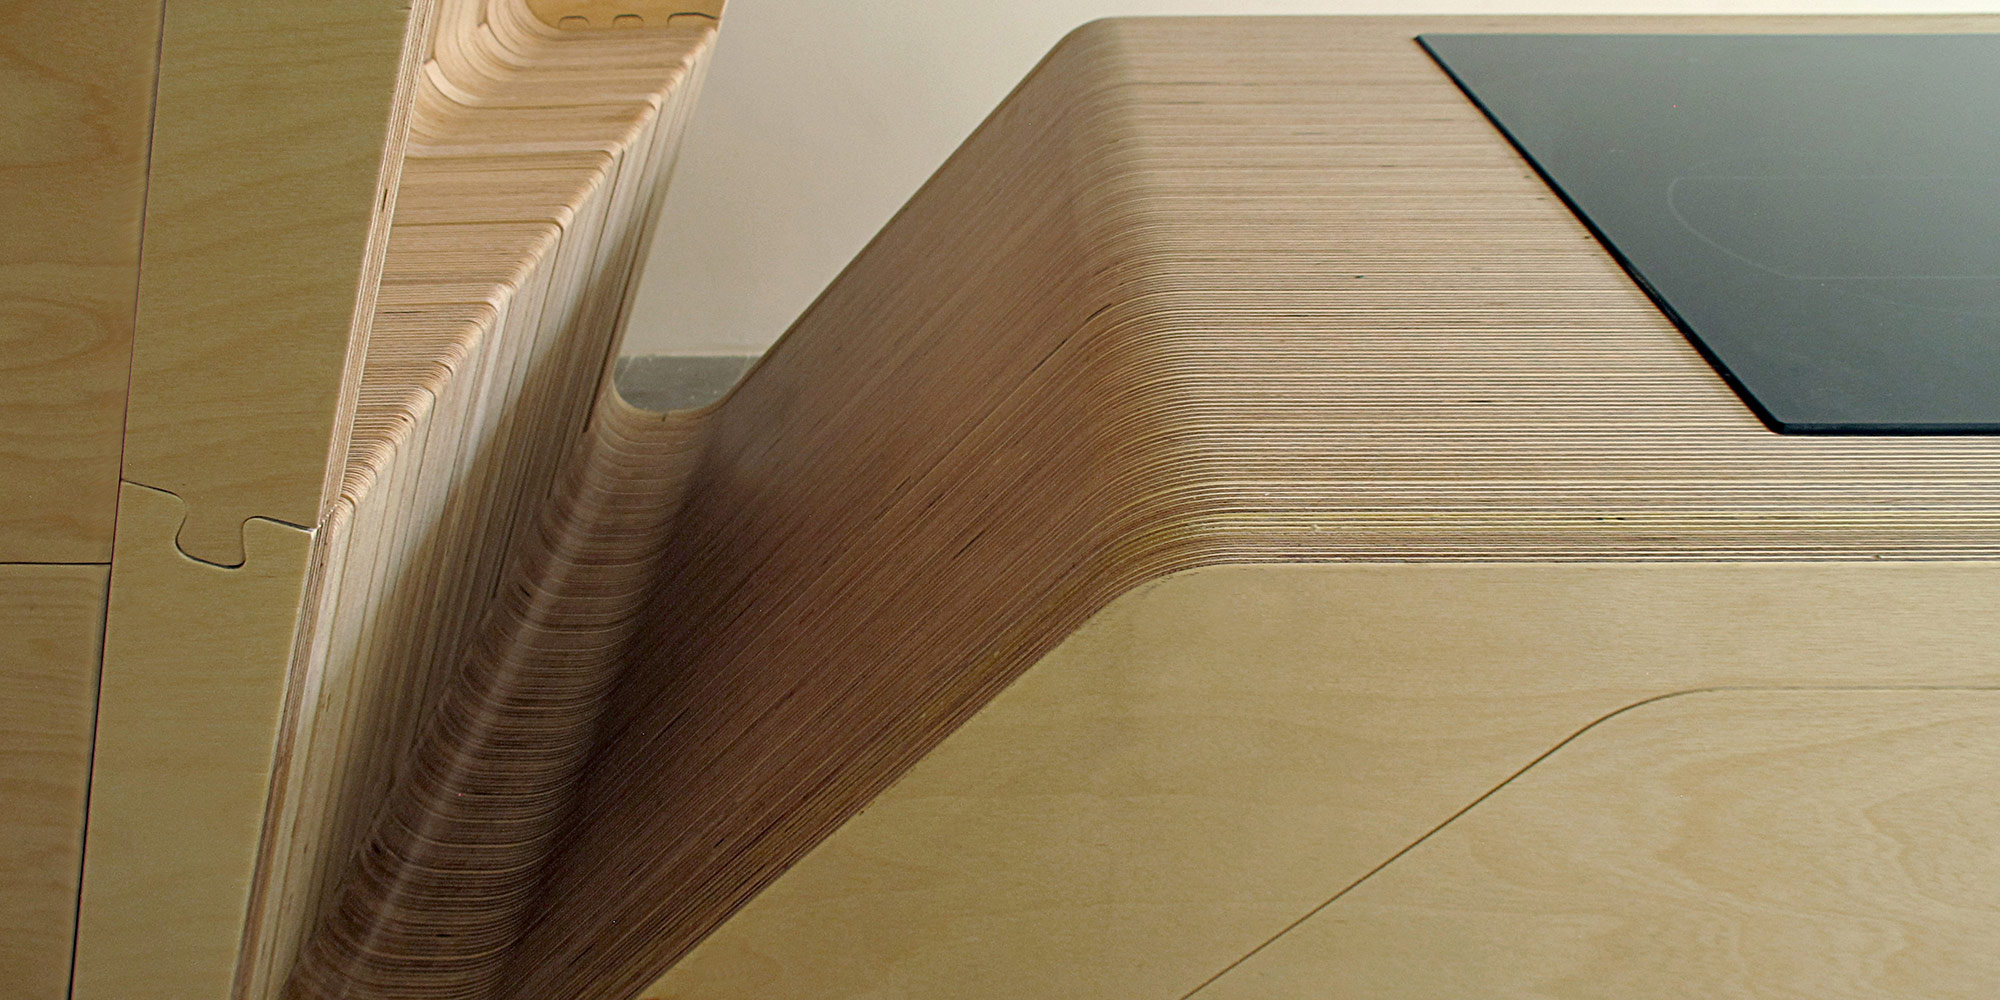 Il piano di lavoro della cucina mostra la sezione del multistrato di betulla.